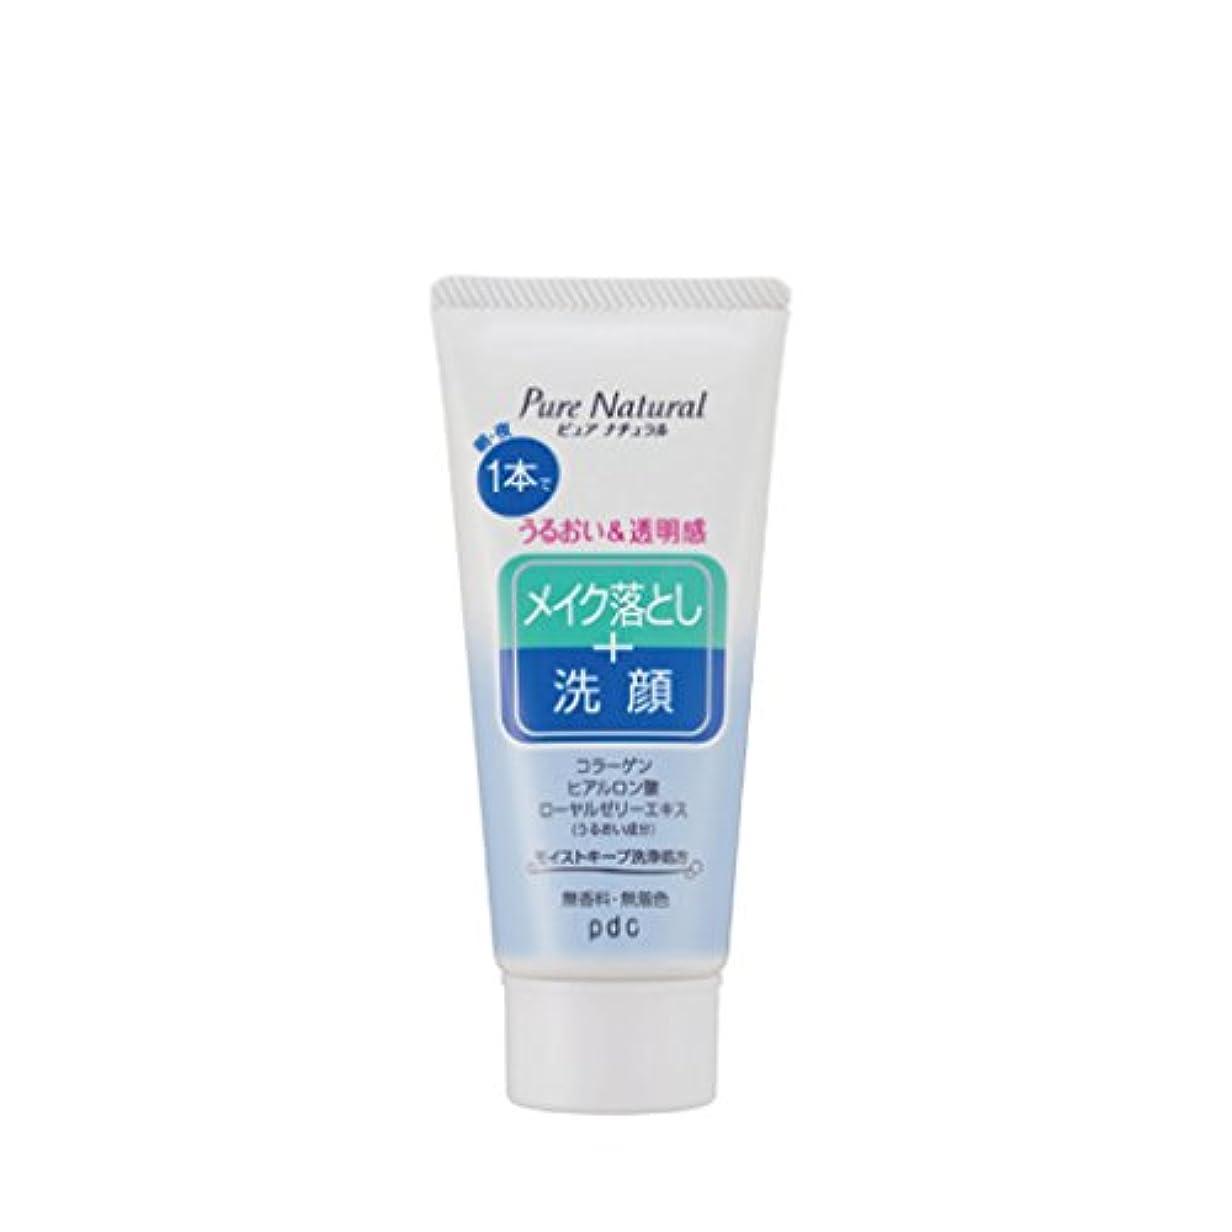 膨らみ取るドットPure NATURAL(ピュアナチュラル) クレンジング洗顔 (ミニサイズ) 70g